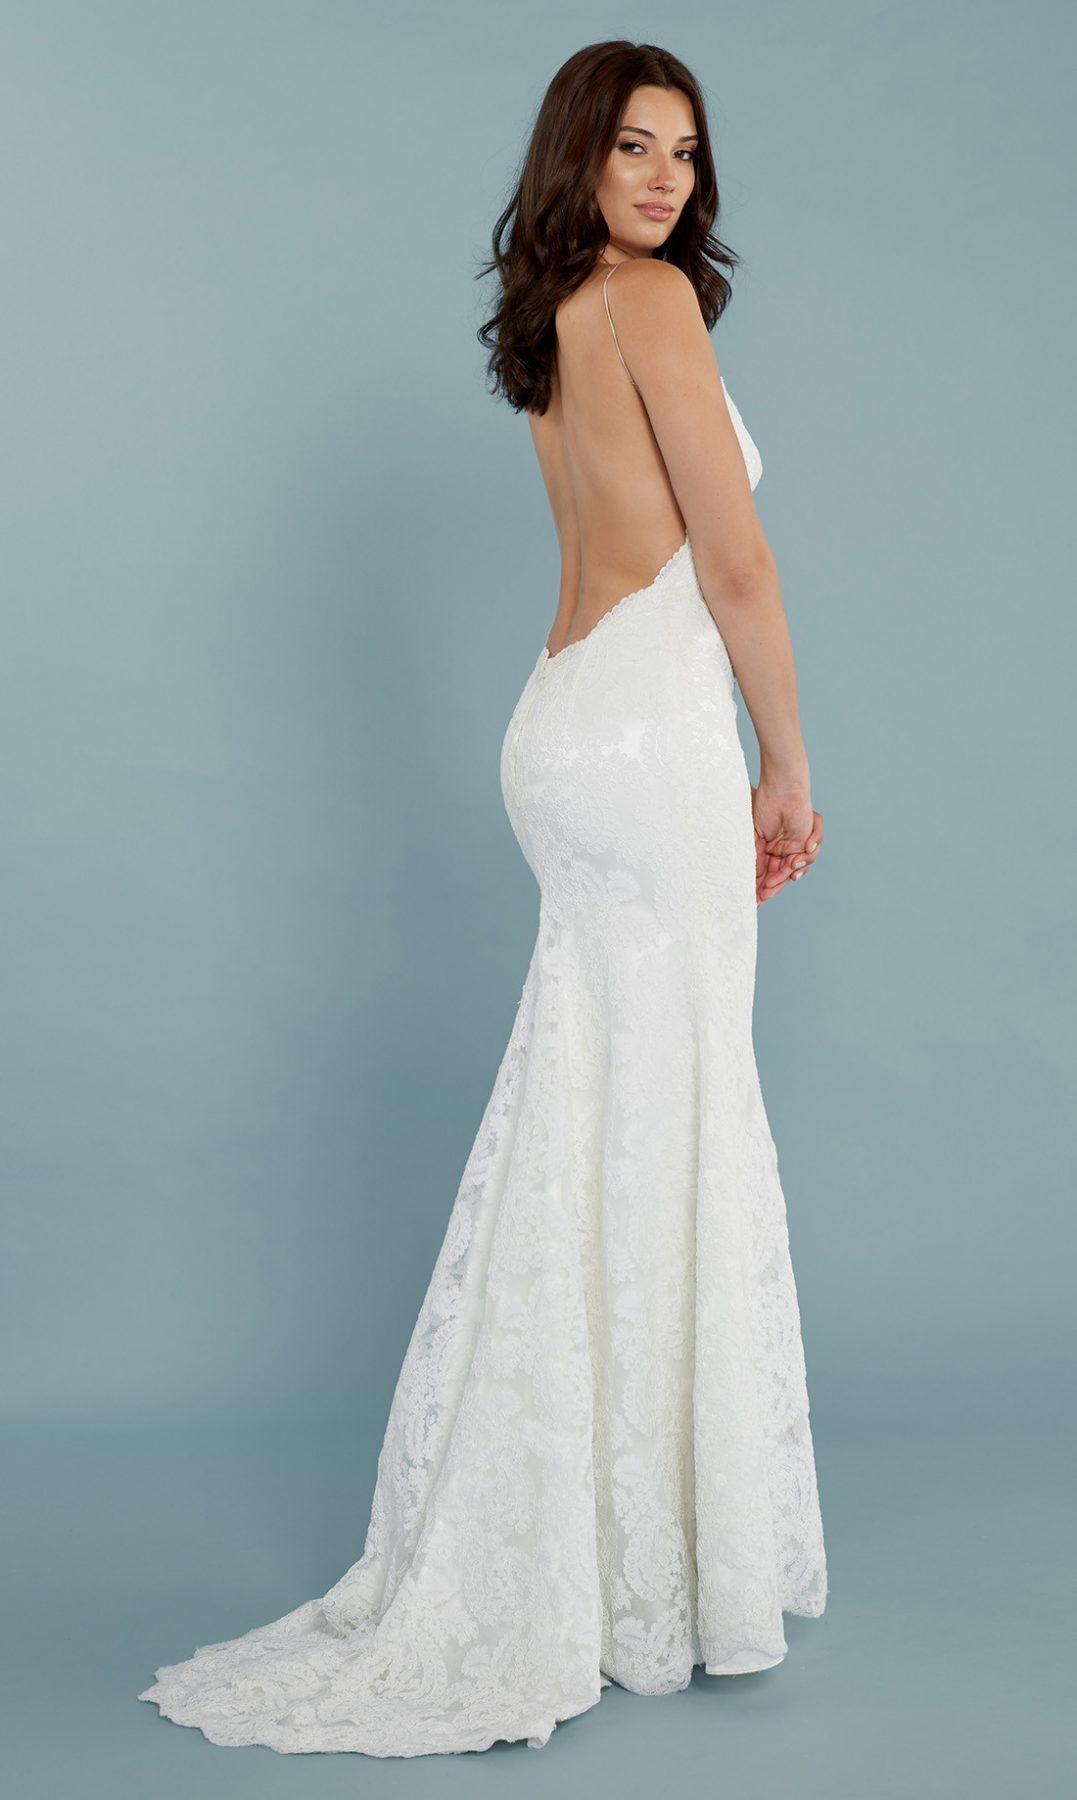 Lanai – The White Dress